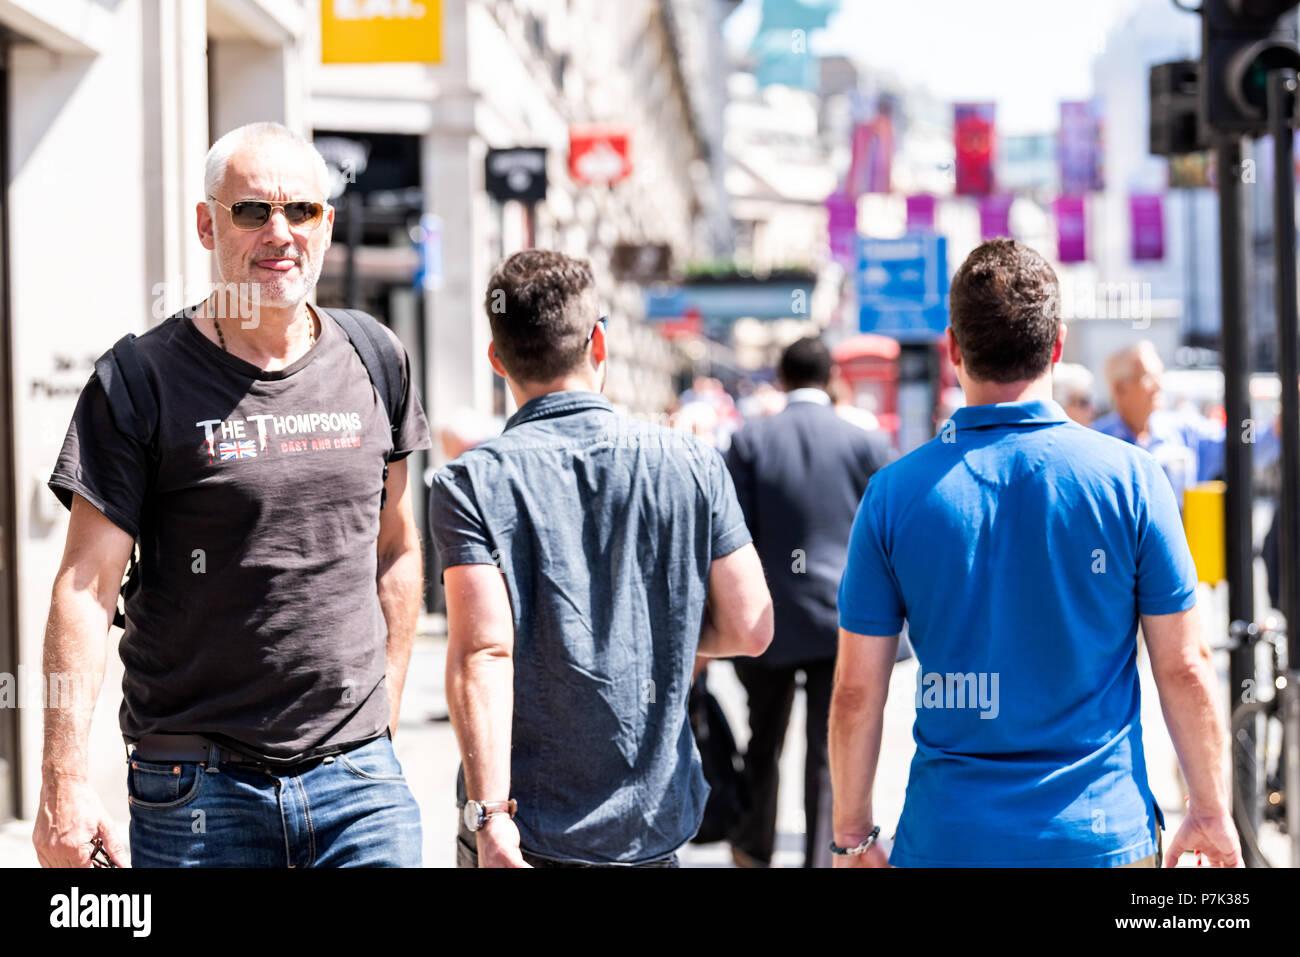 London, Regno Unito - 22 Giugno 2018: folla di molte persone uomo pedoni camminando sul marciapiede di Piccadilly street road nel centro cittadino di città, Inghilterra bandiera o Immagini Stock